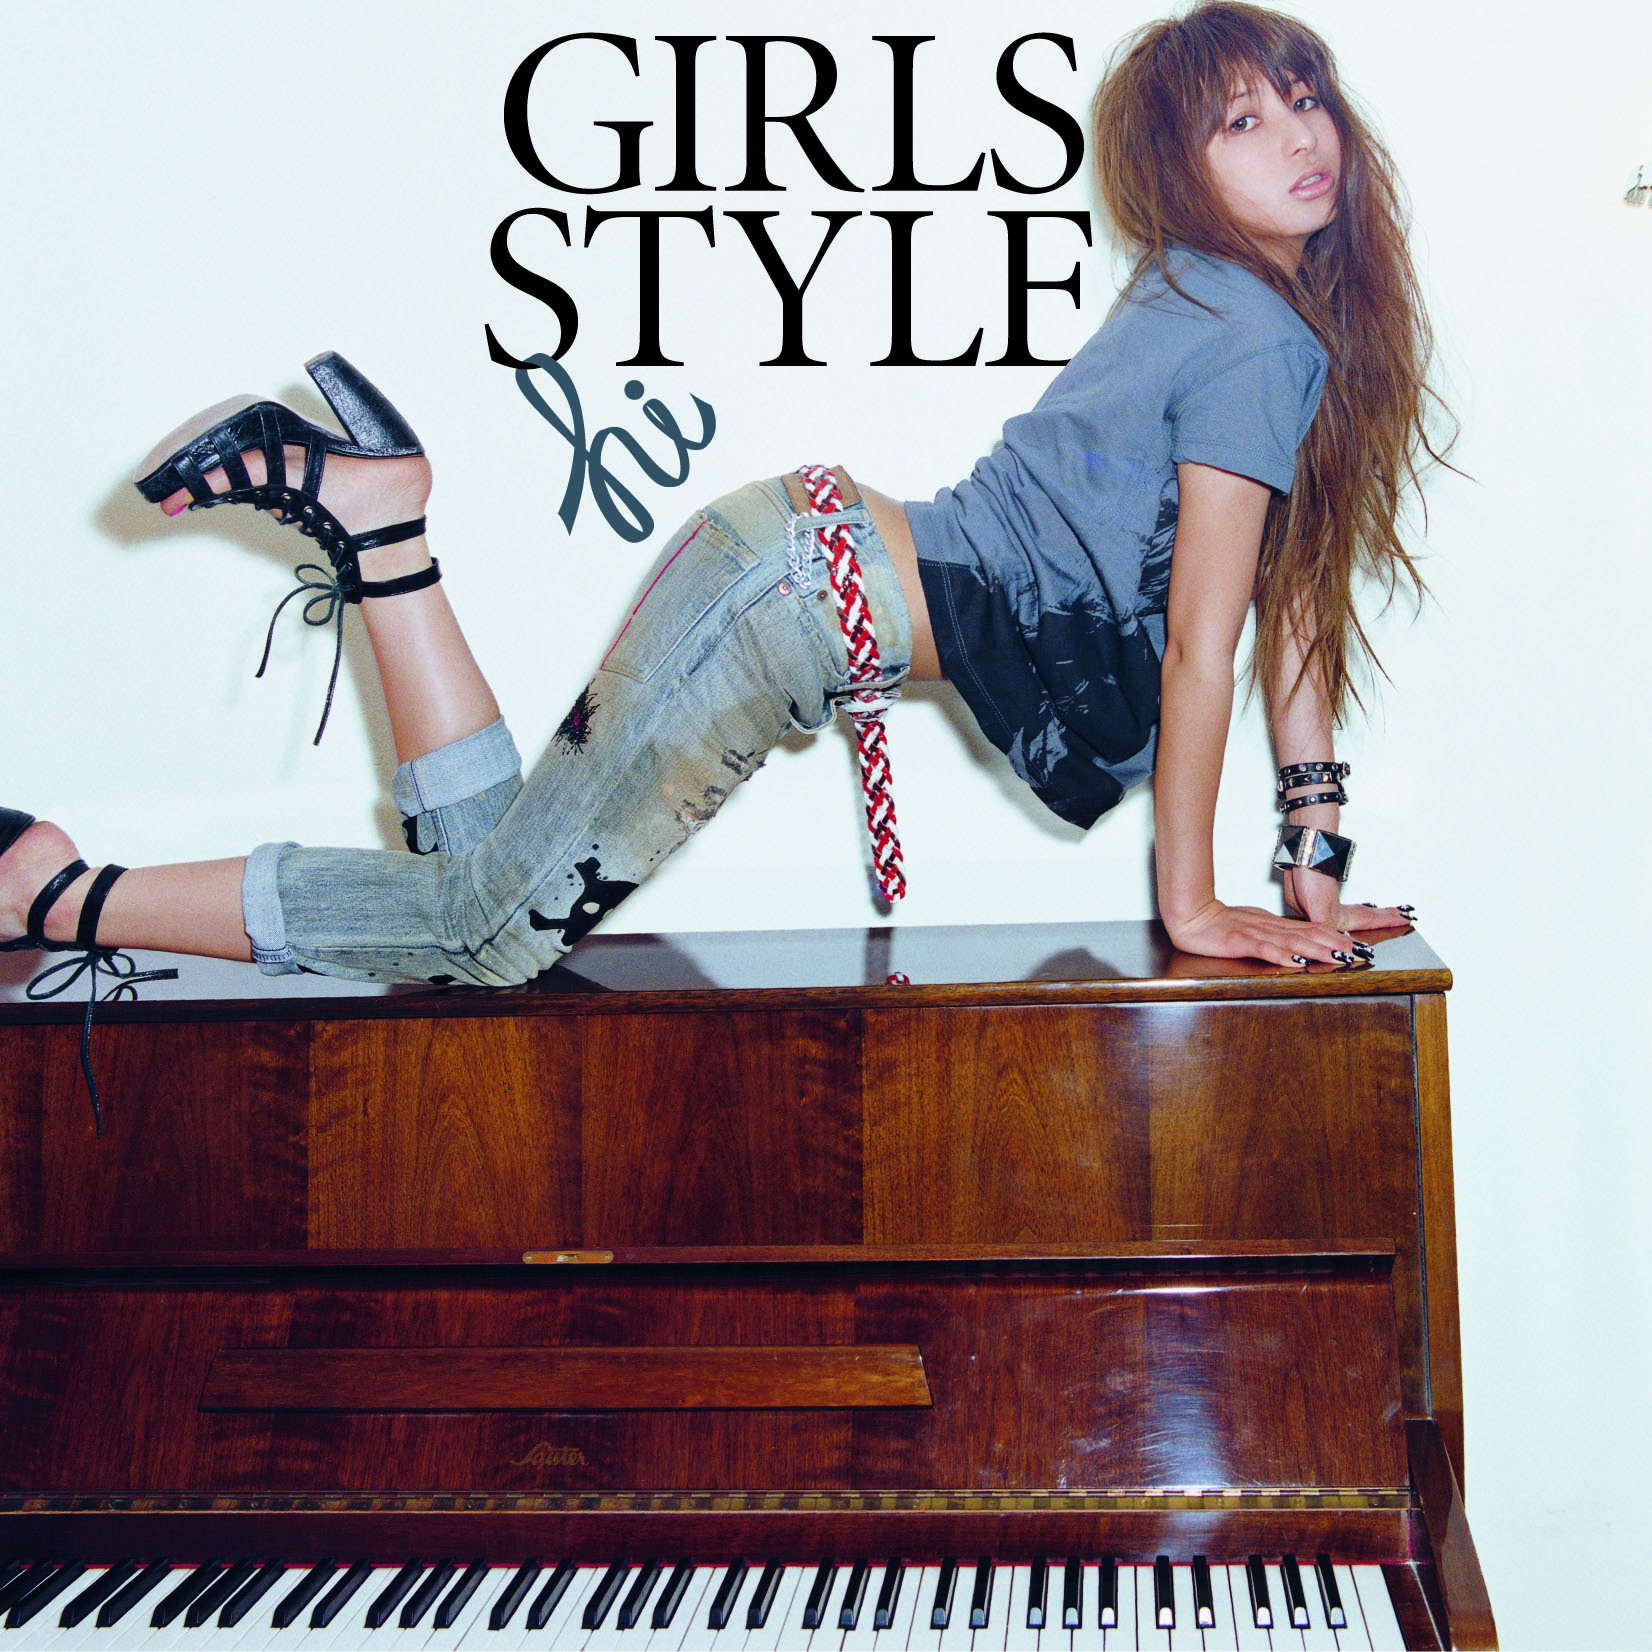 20170411.0537.2 Hisayo Inamori - Girls Style cover 1.jpg